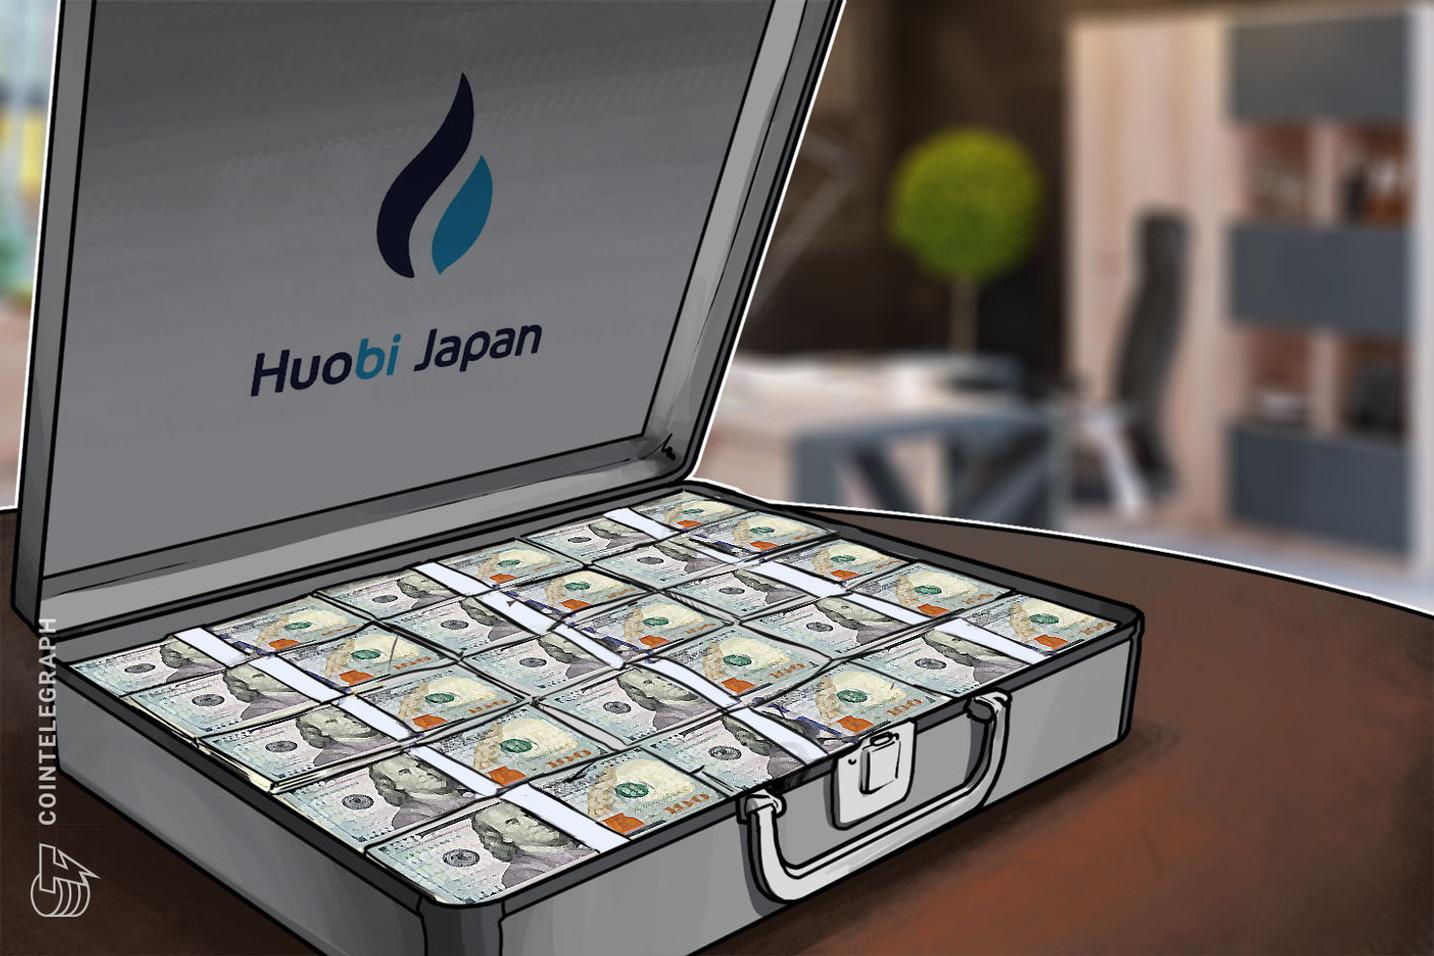 仮想通貨取引所フォビジャパンが約5億円調達 リース事業のFPGが出資 | デジタル証券分野で協働も【ニュース】